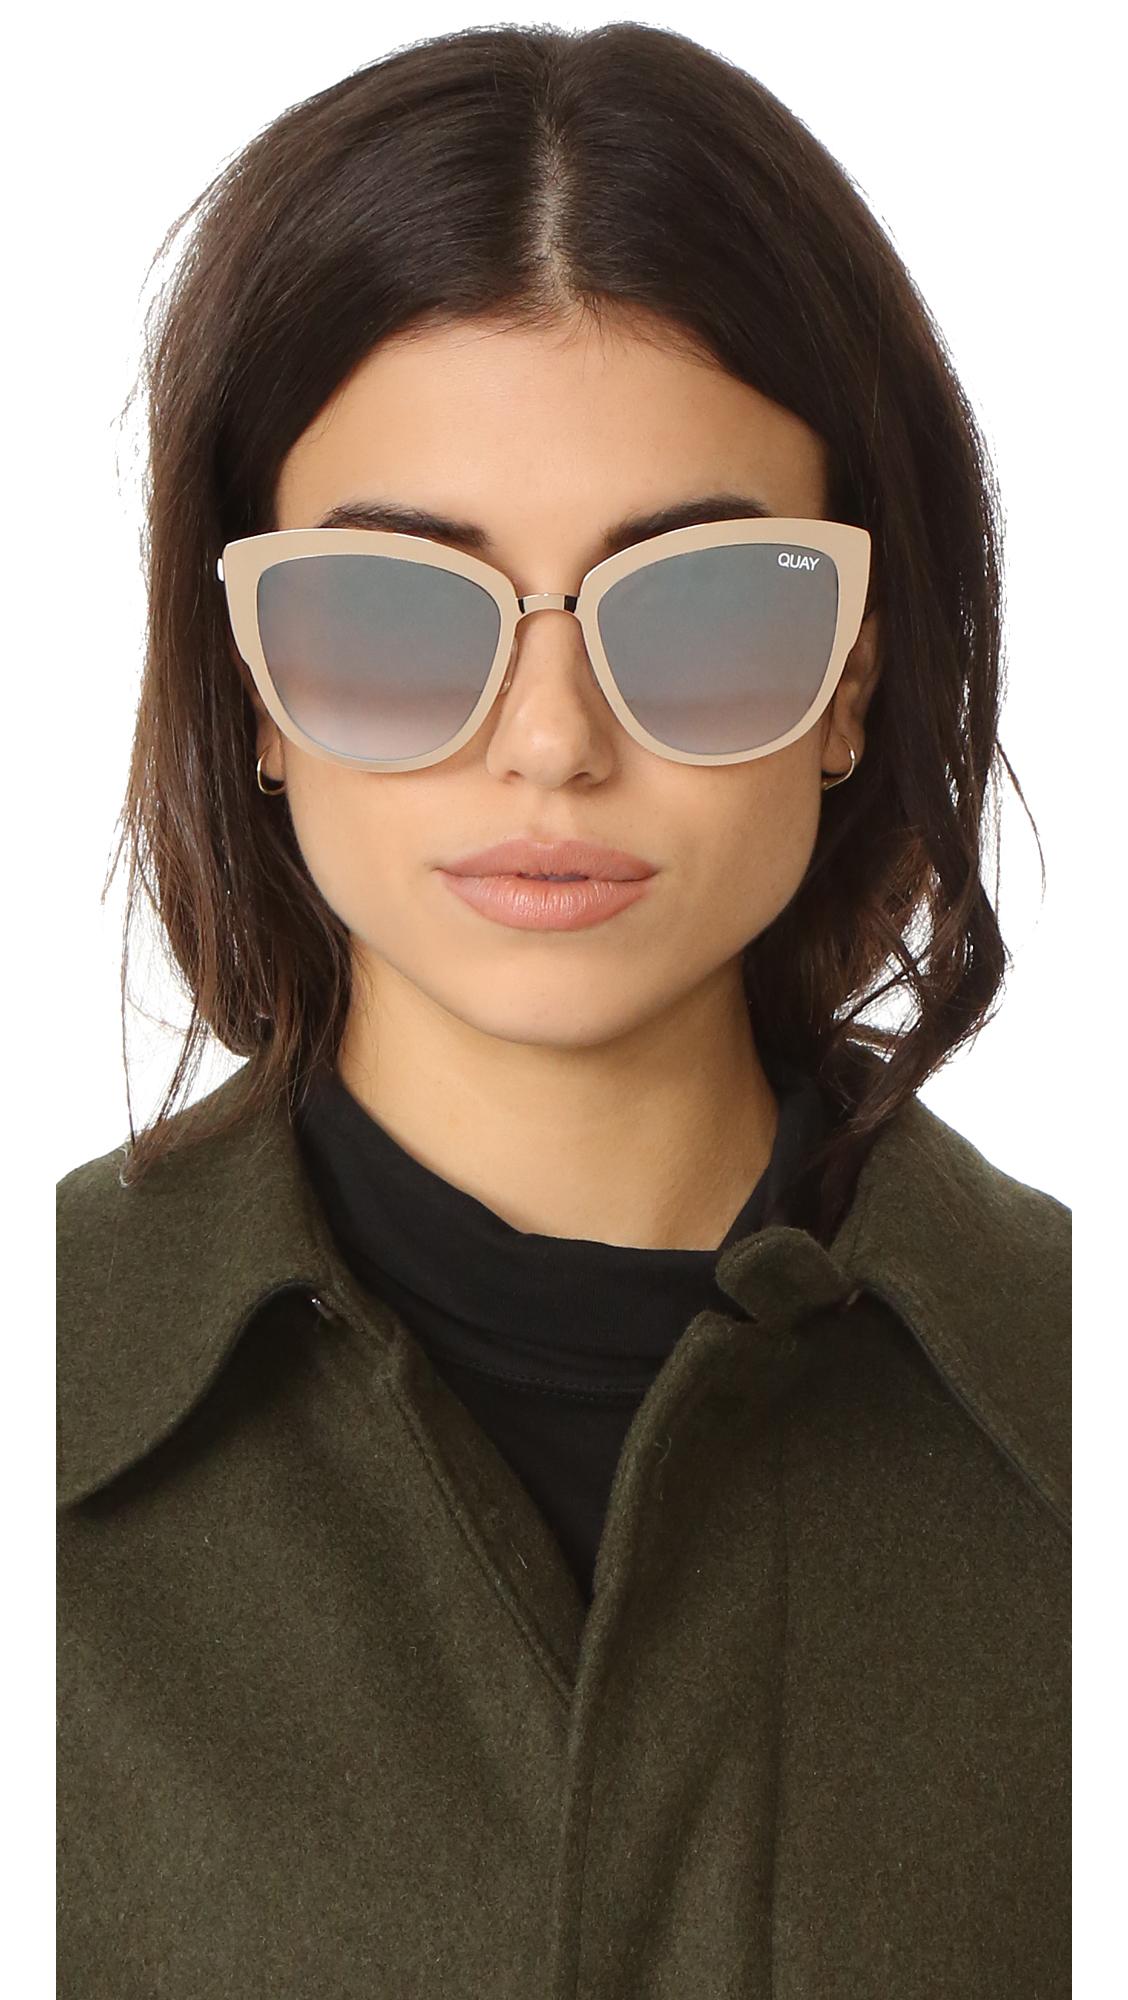 f7c63c93b4 Quay Supergirl Sunglasses